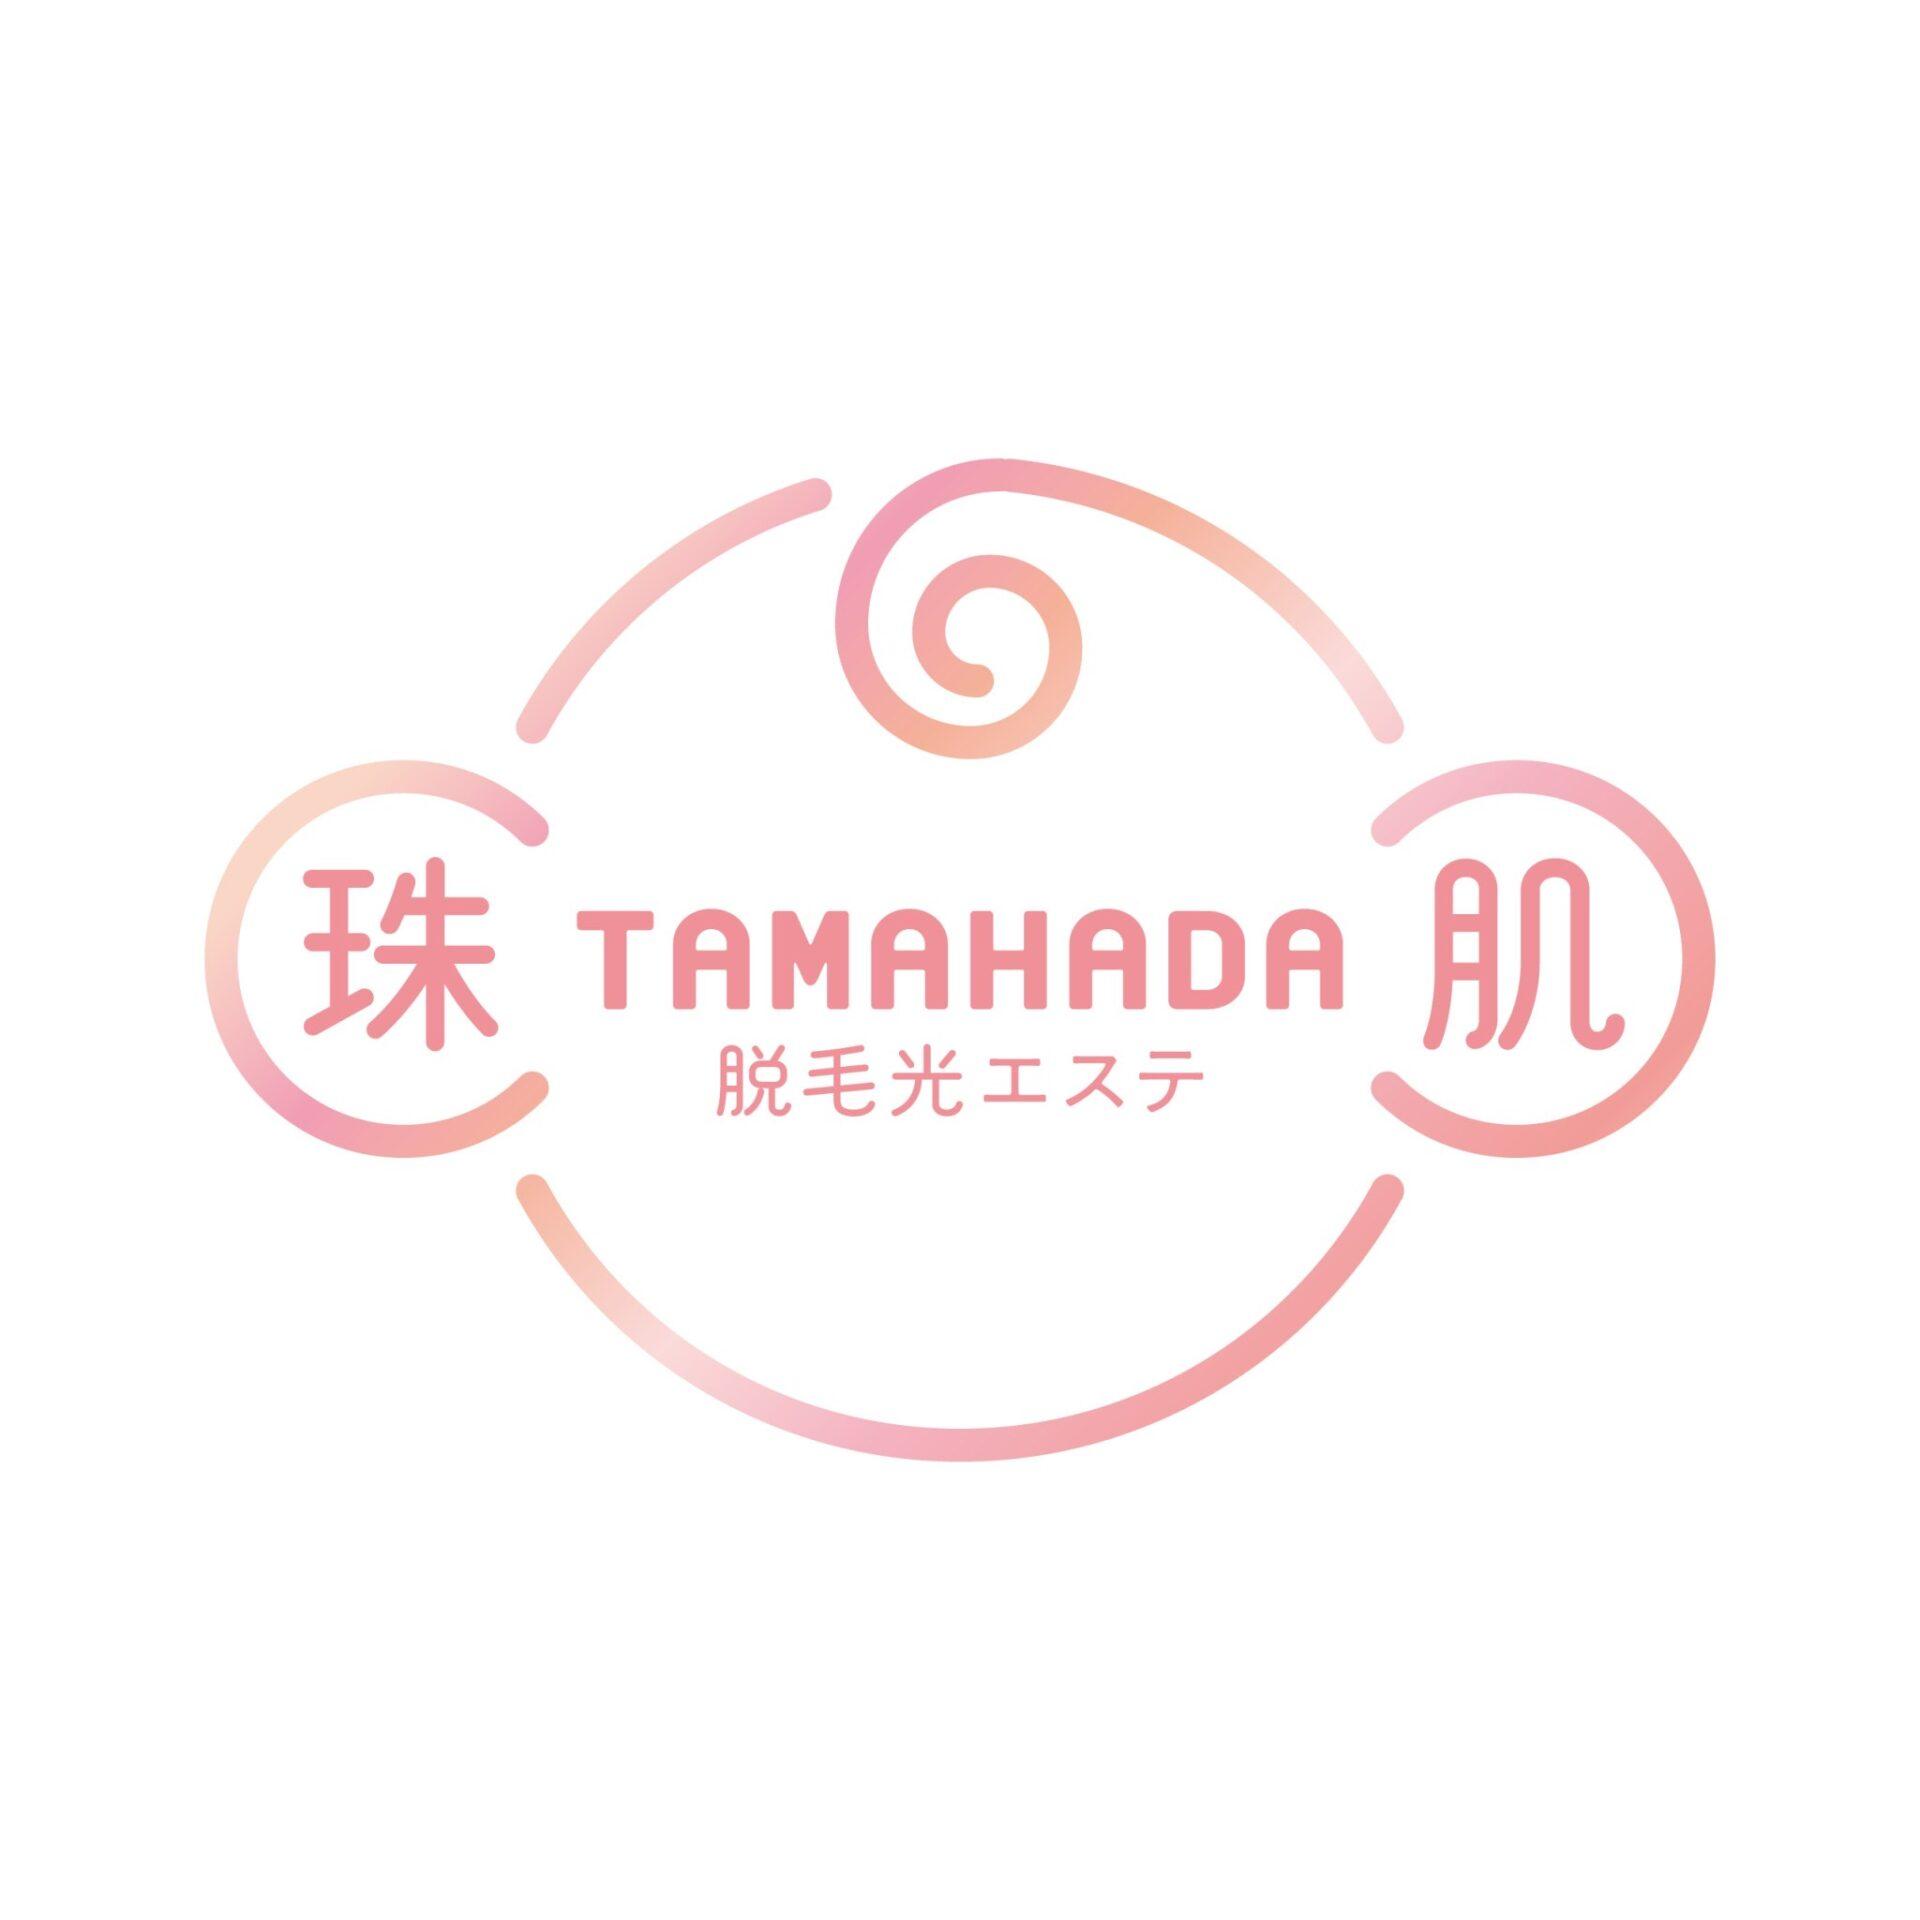 脱毛光エステ 珠肌‐TAMAHADA‐